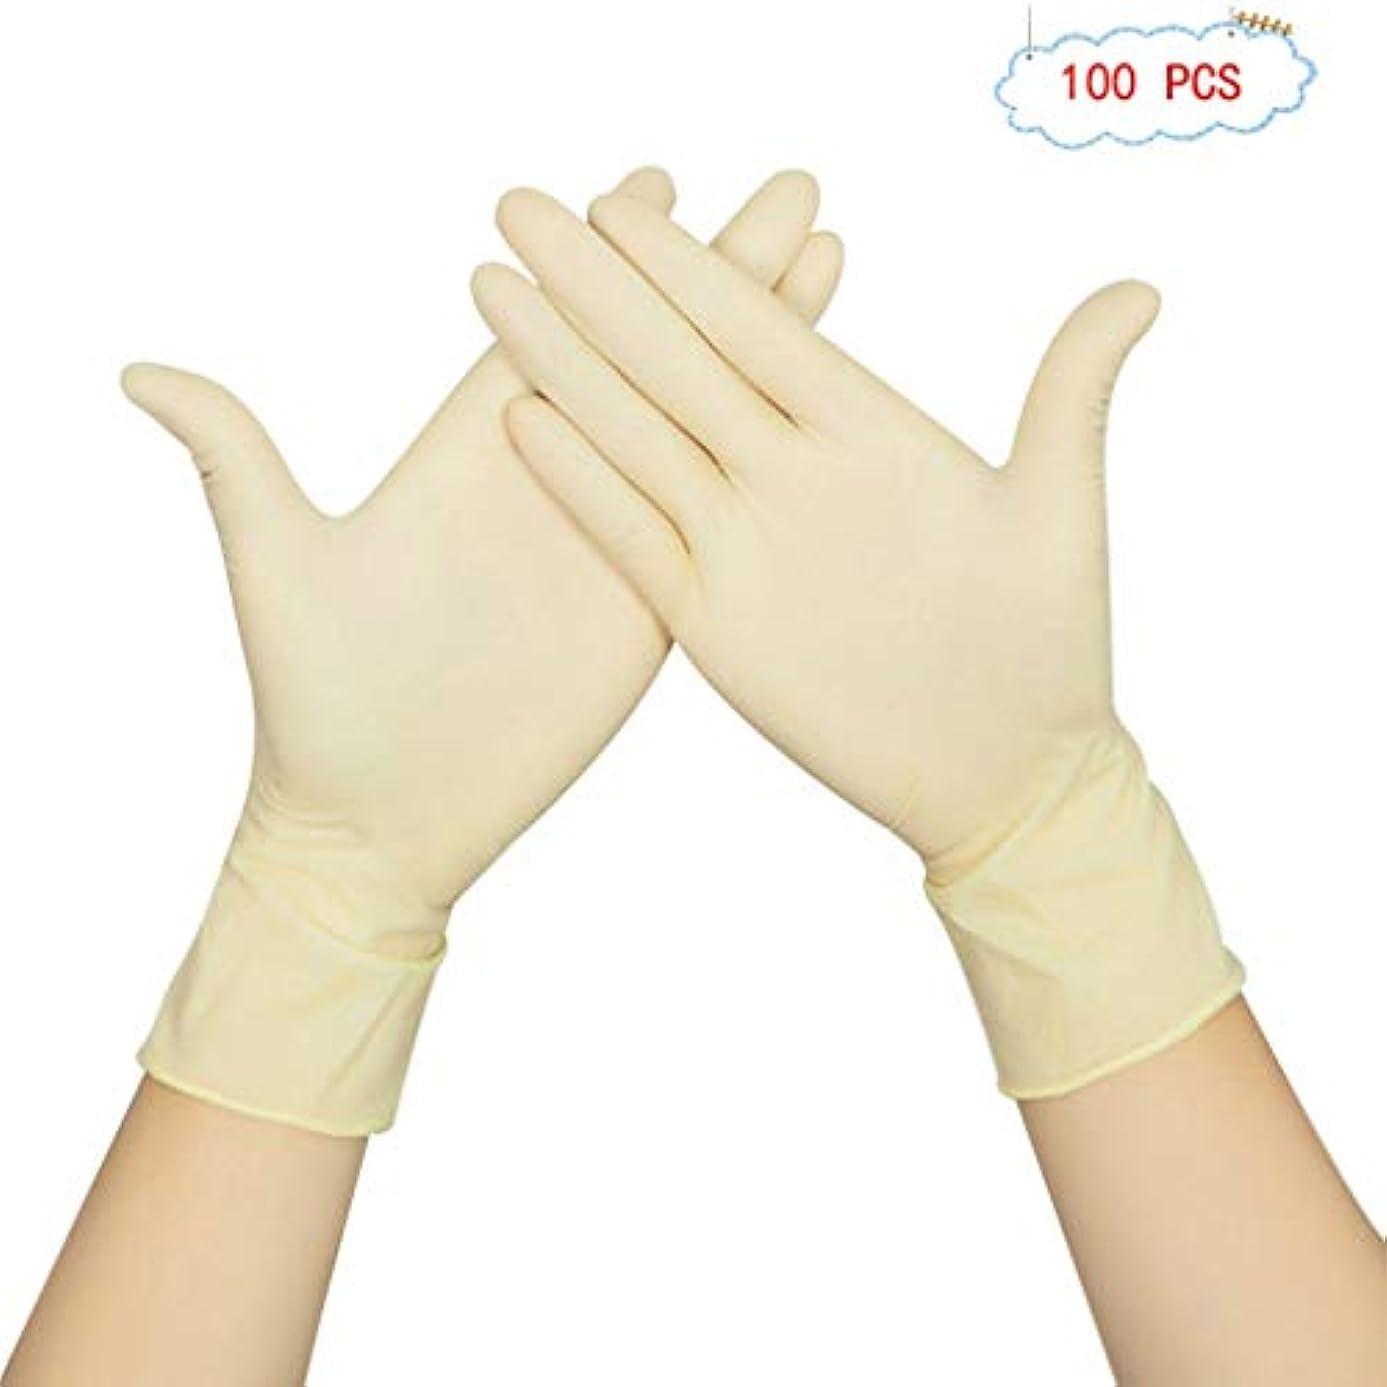 かご個人的に緑箱入り使い捨てラテックス手袋パウダーフリーゴム滑り止めの病院のために労働保険のプロフェッショナルグレードのクリーニング (Color : 9 inch, Size : M)